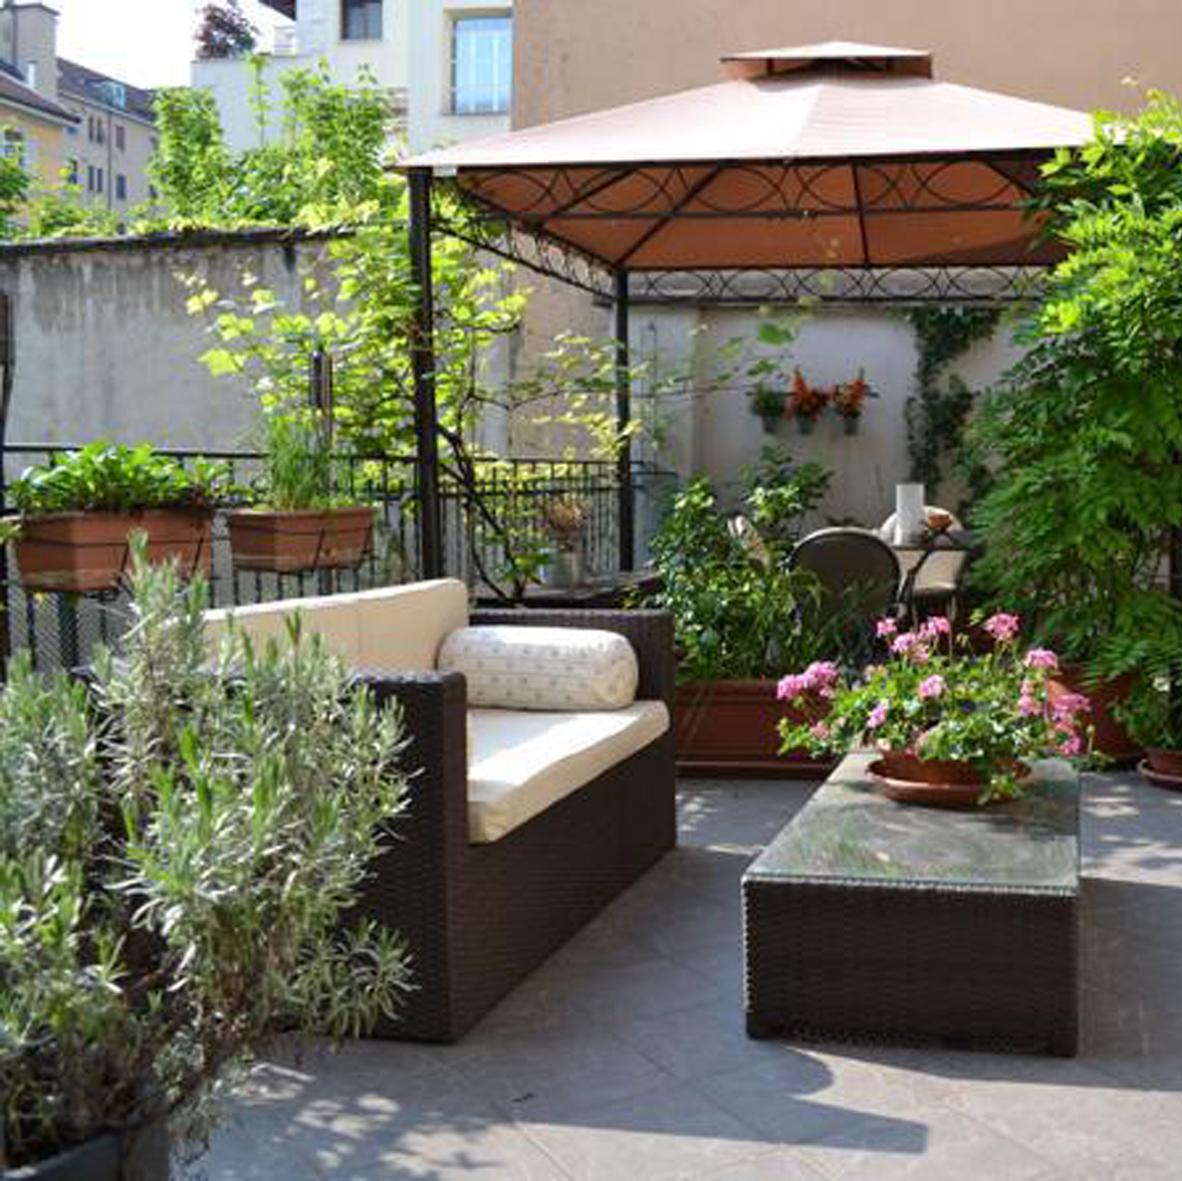 Terrazzi l 39 architettura servita for Arredo ville e giardini